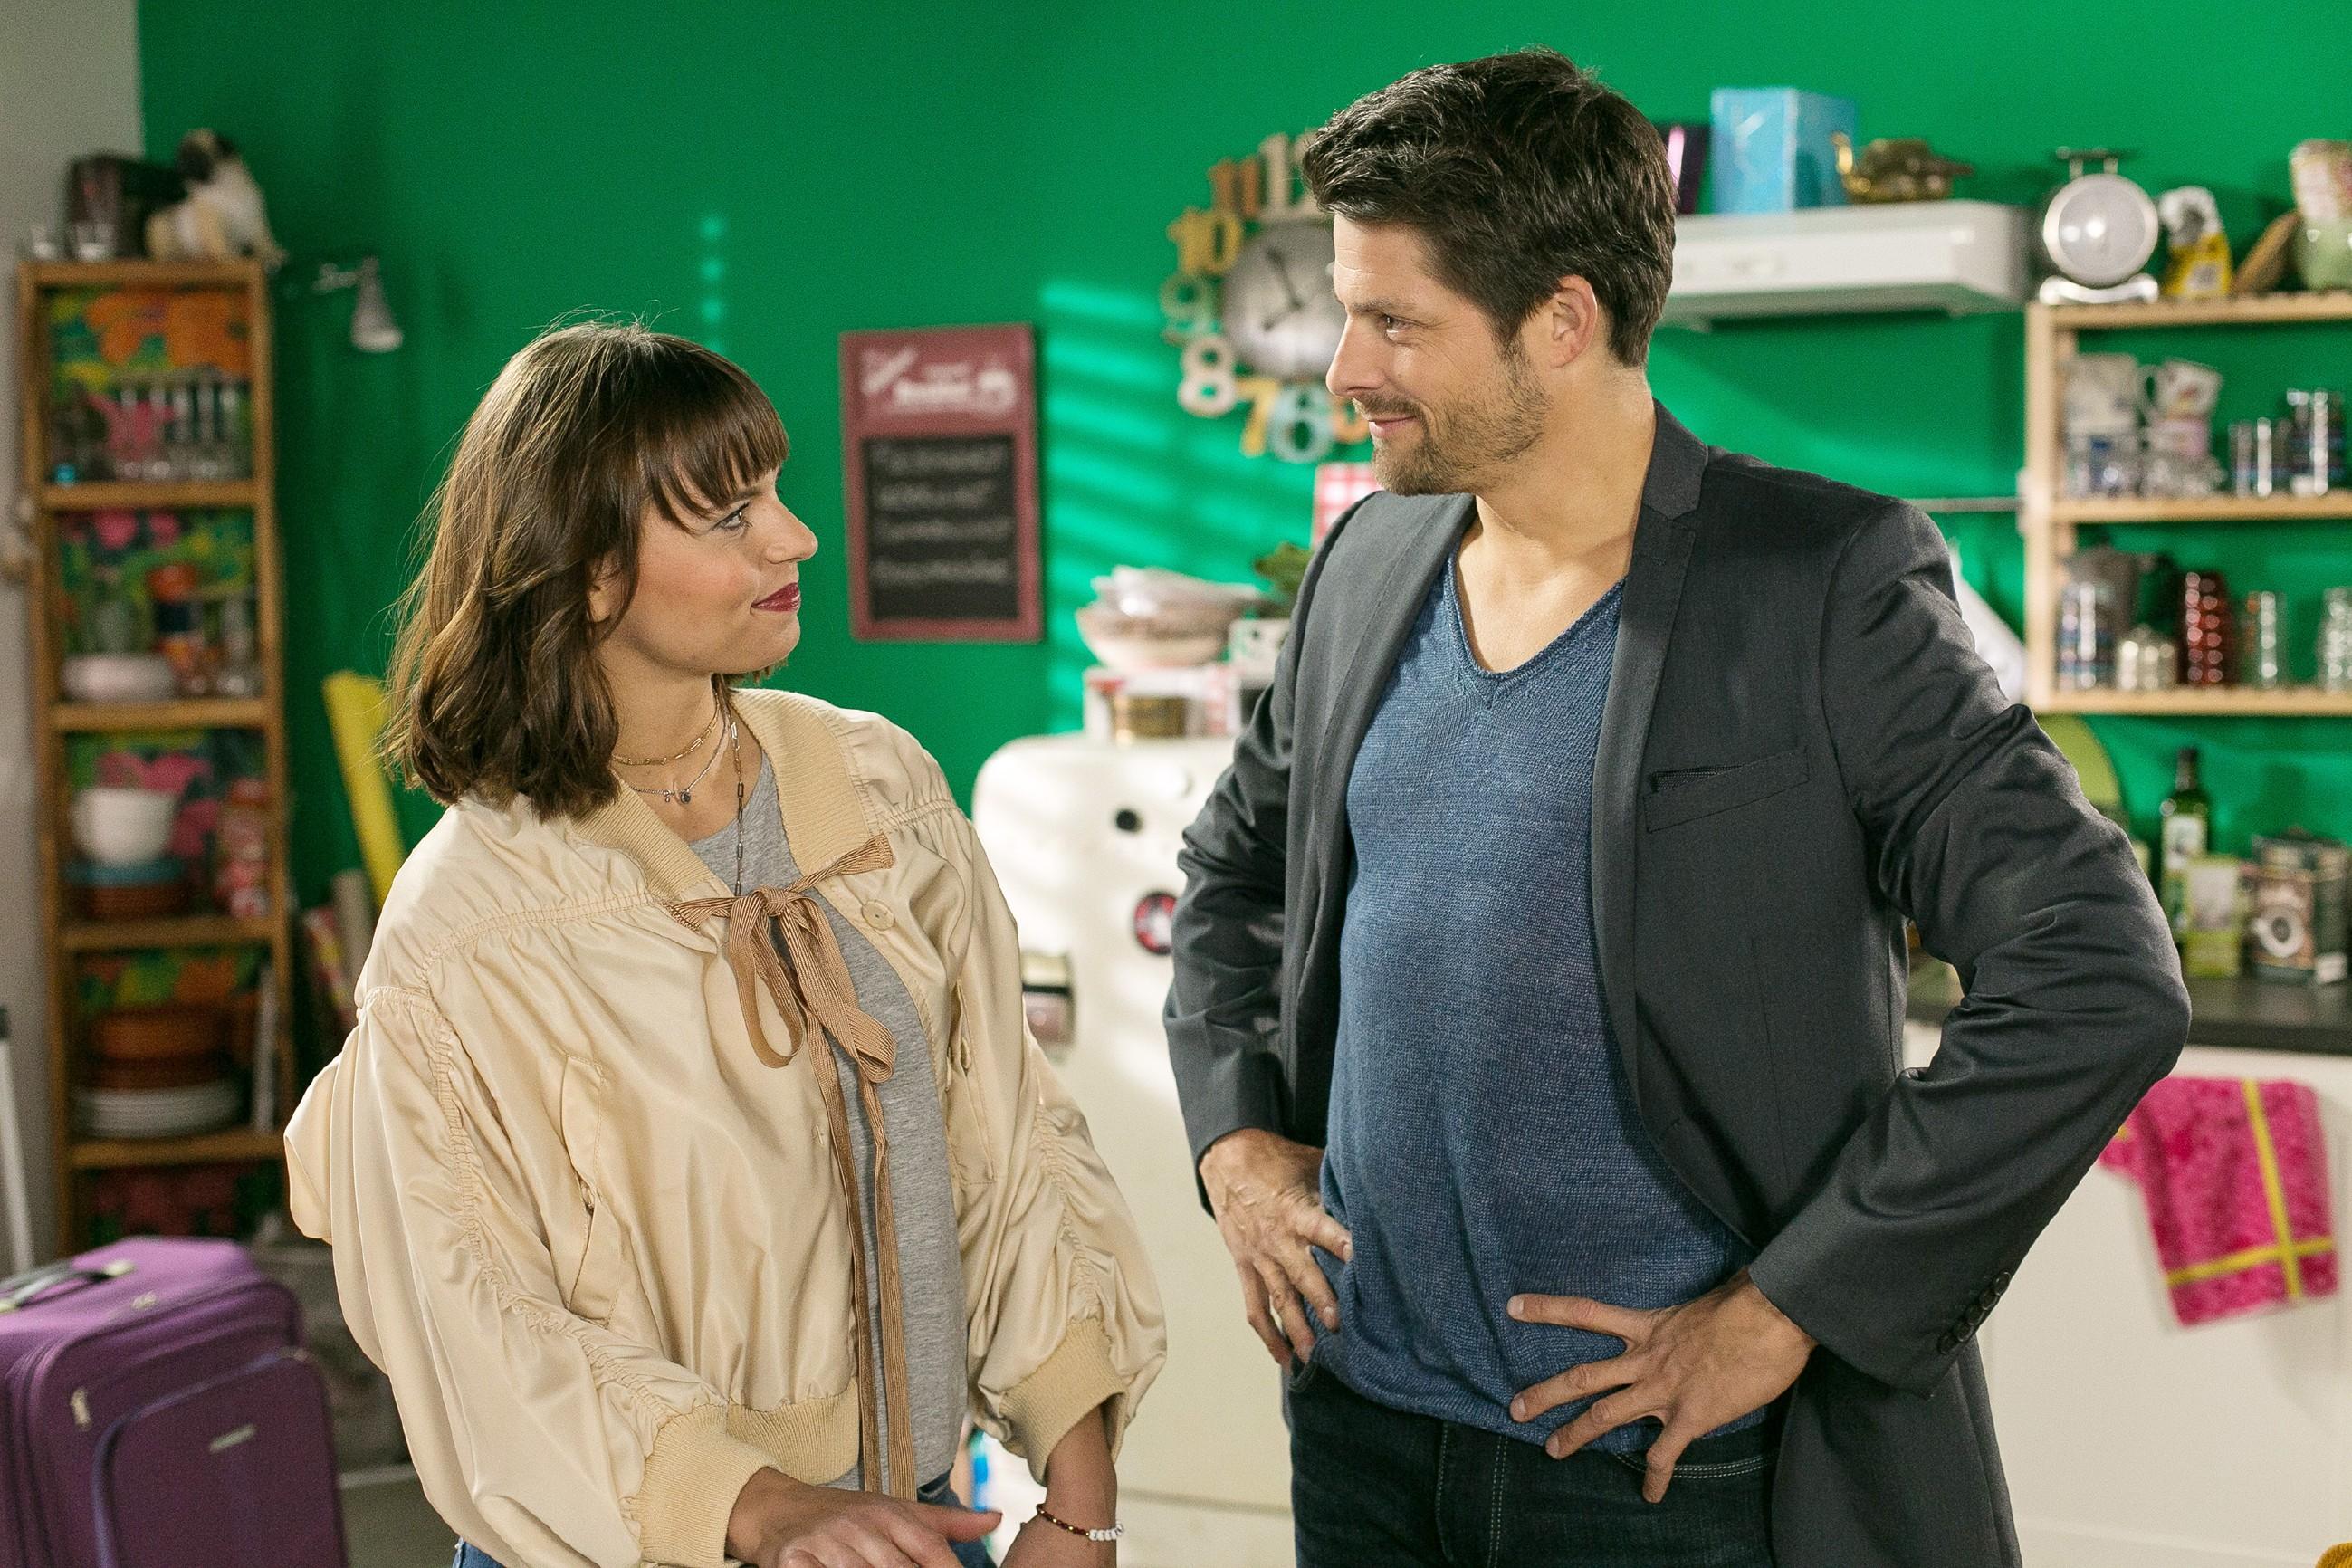 Die ahnungslose Michelle (Franziska Benz) erklärt Vincent (Daniel Buder), dass sie für Carmen da sein möchte. (Quelle:RTL / Kai Schulz)